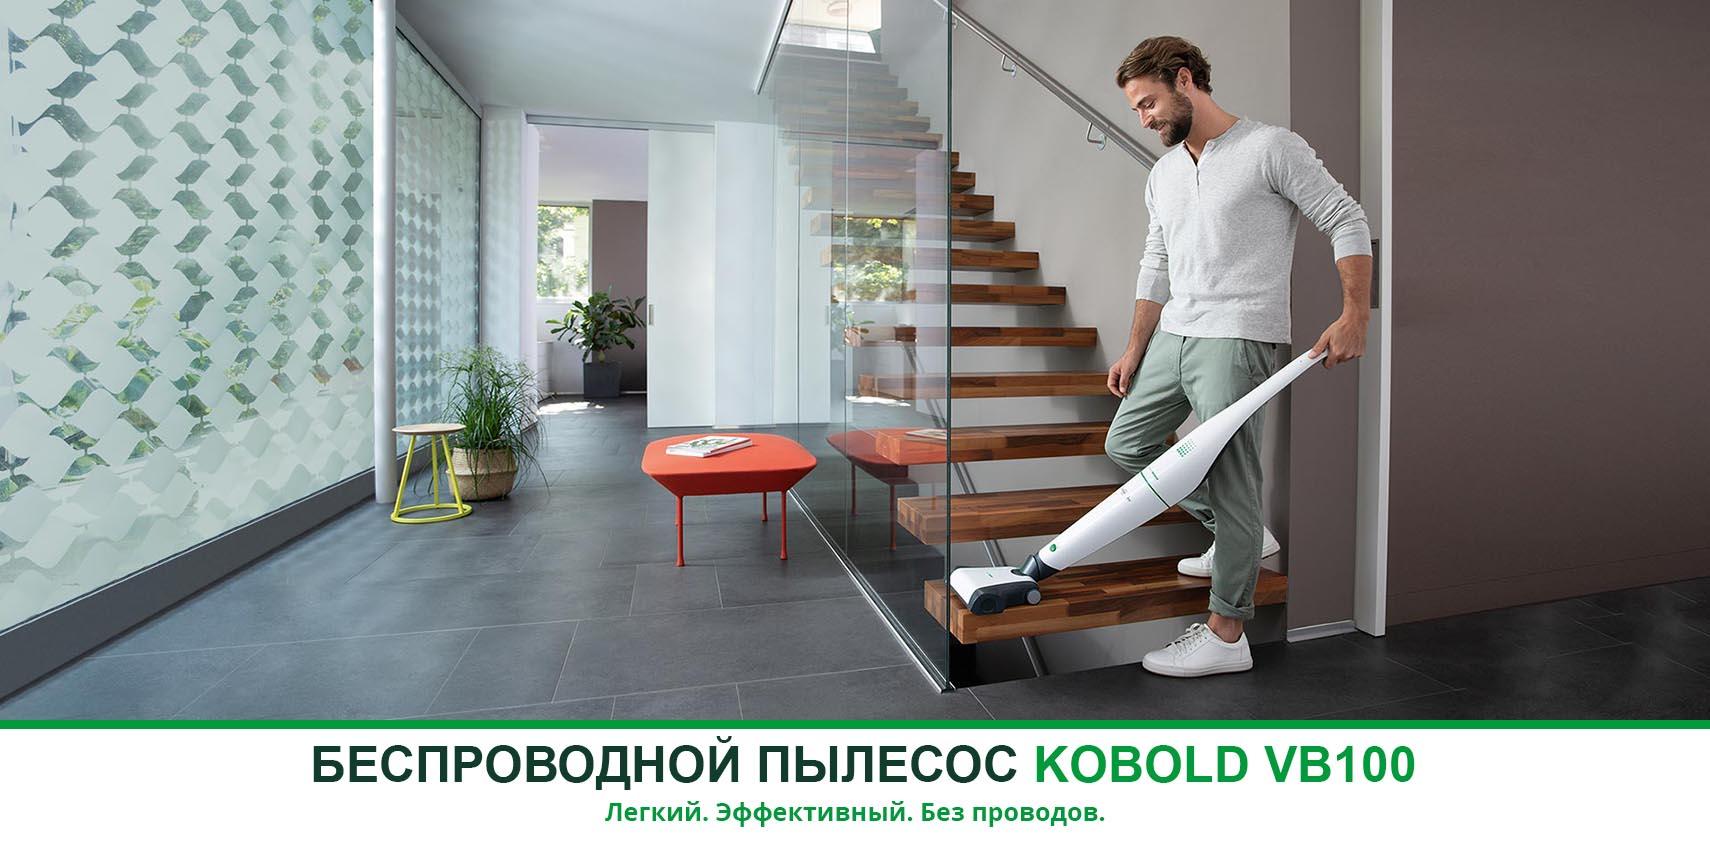 Salon Bas De Jardin Unique Vorwerk Russia Немецкие пыРесосы и техника дРя дома